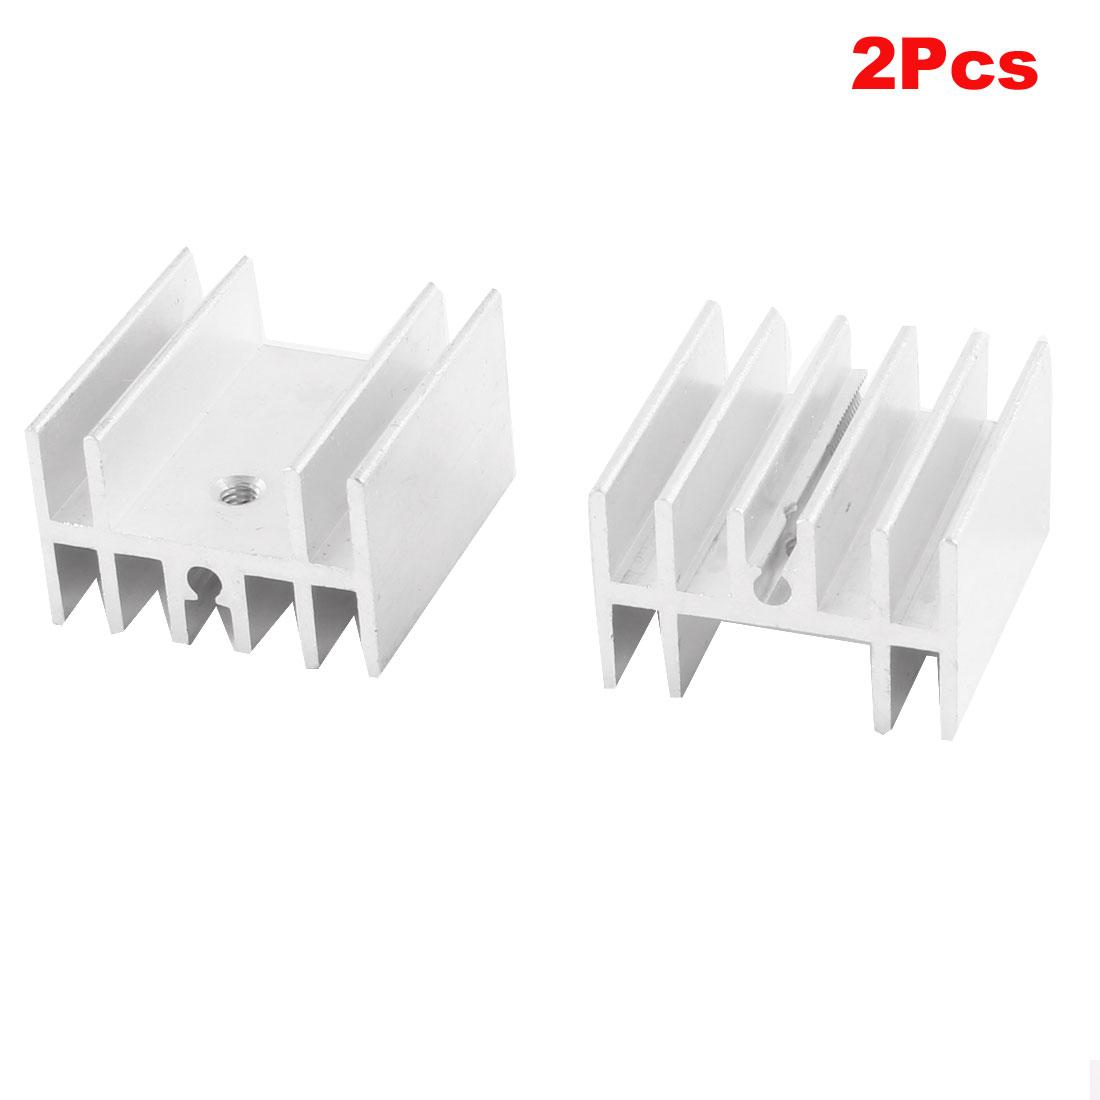 2 Pcs Heat Diffuse Aluminium Heat Sink Cooling Fin 25mm x 24mm x 15mm